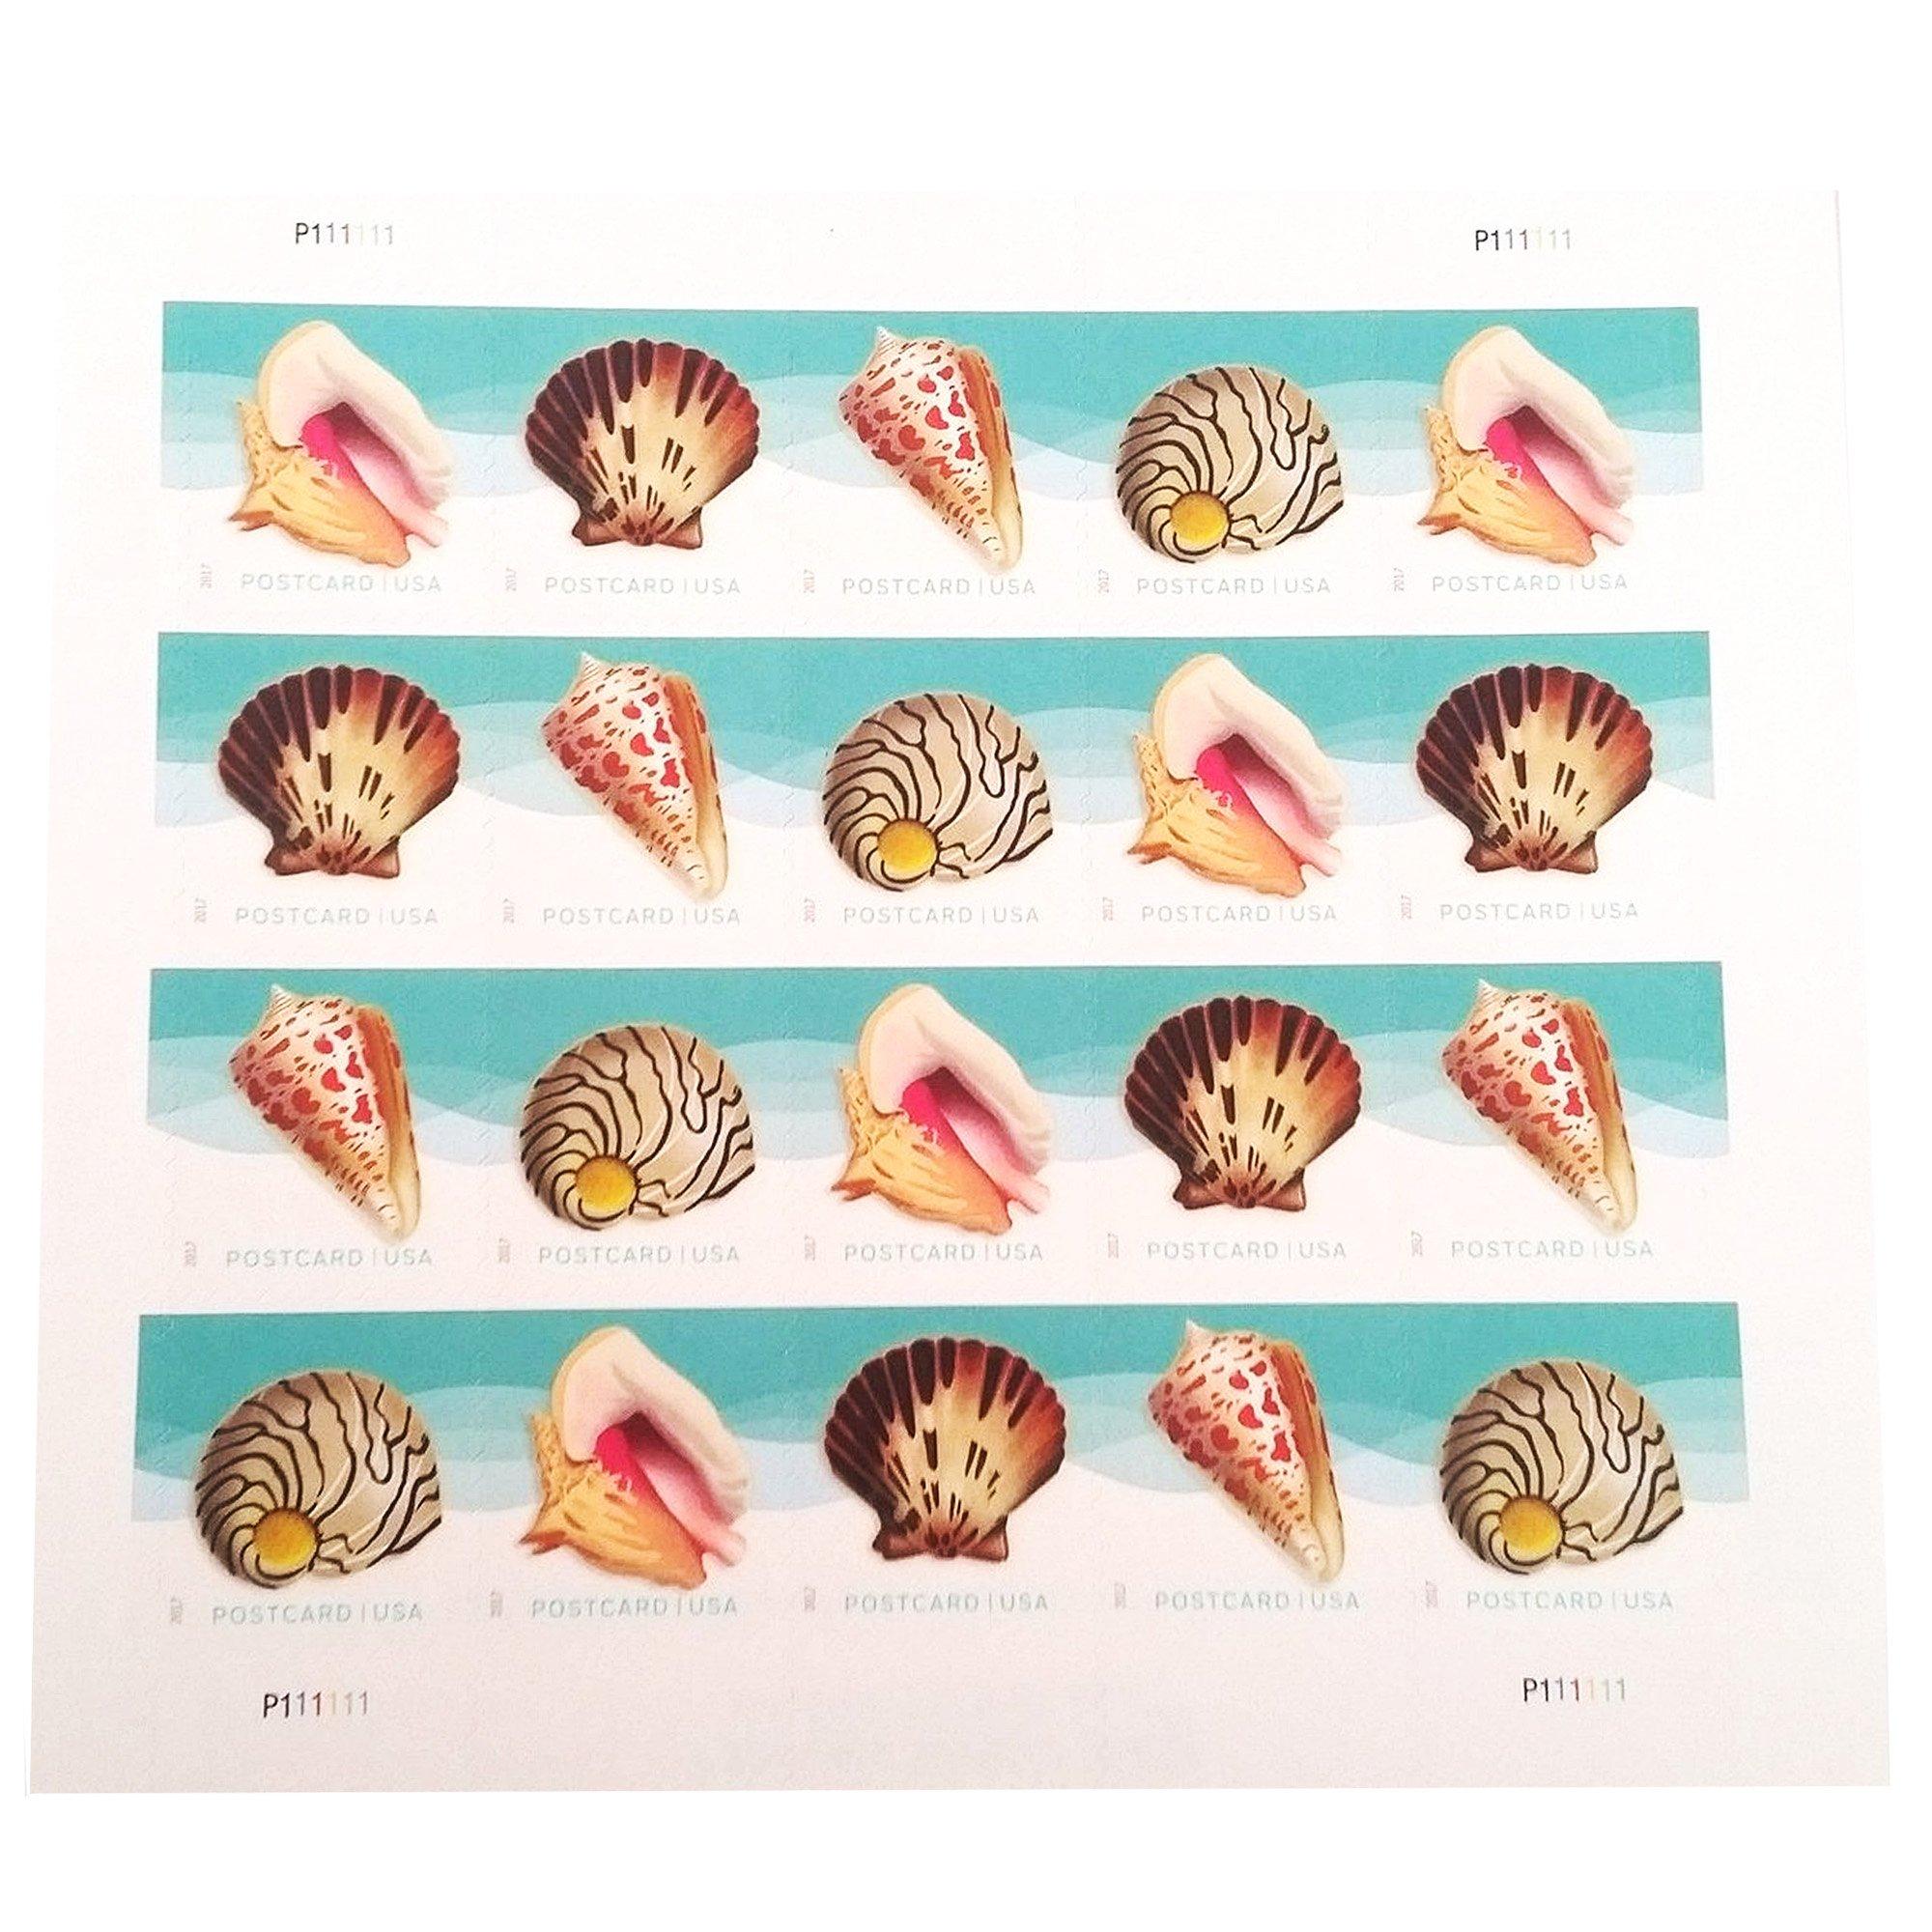 Seashells postcard sheet Twenty 34 Cent Forever Stamps By USPS